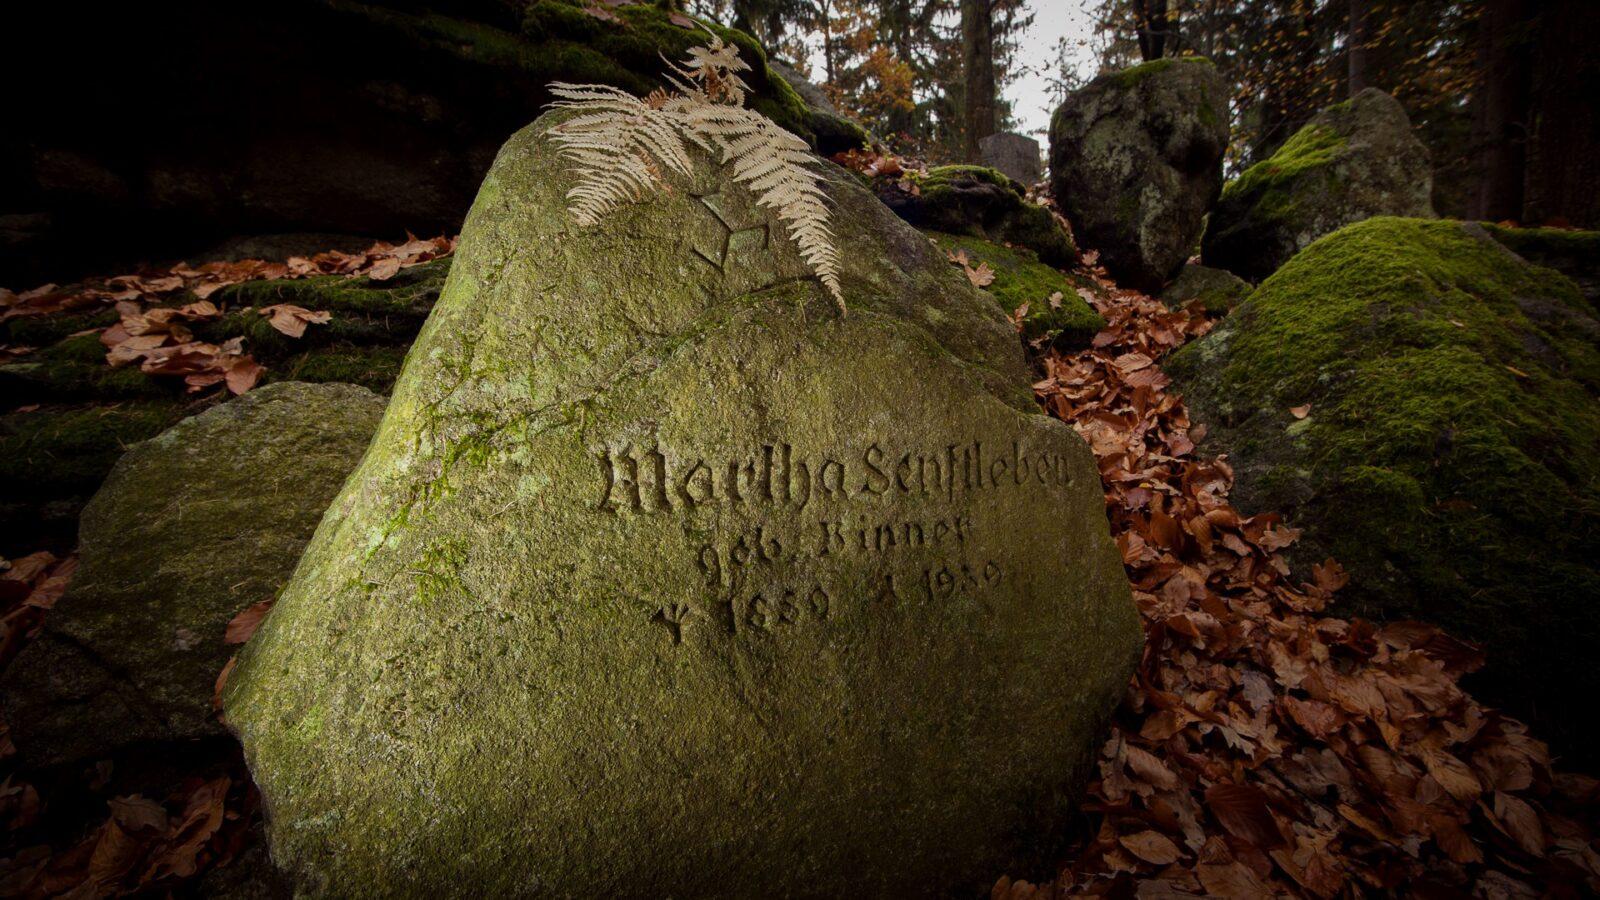 Cmentarzyk czcicieli światła wgórskim lesie nieopodal Michałowic